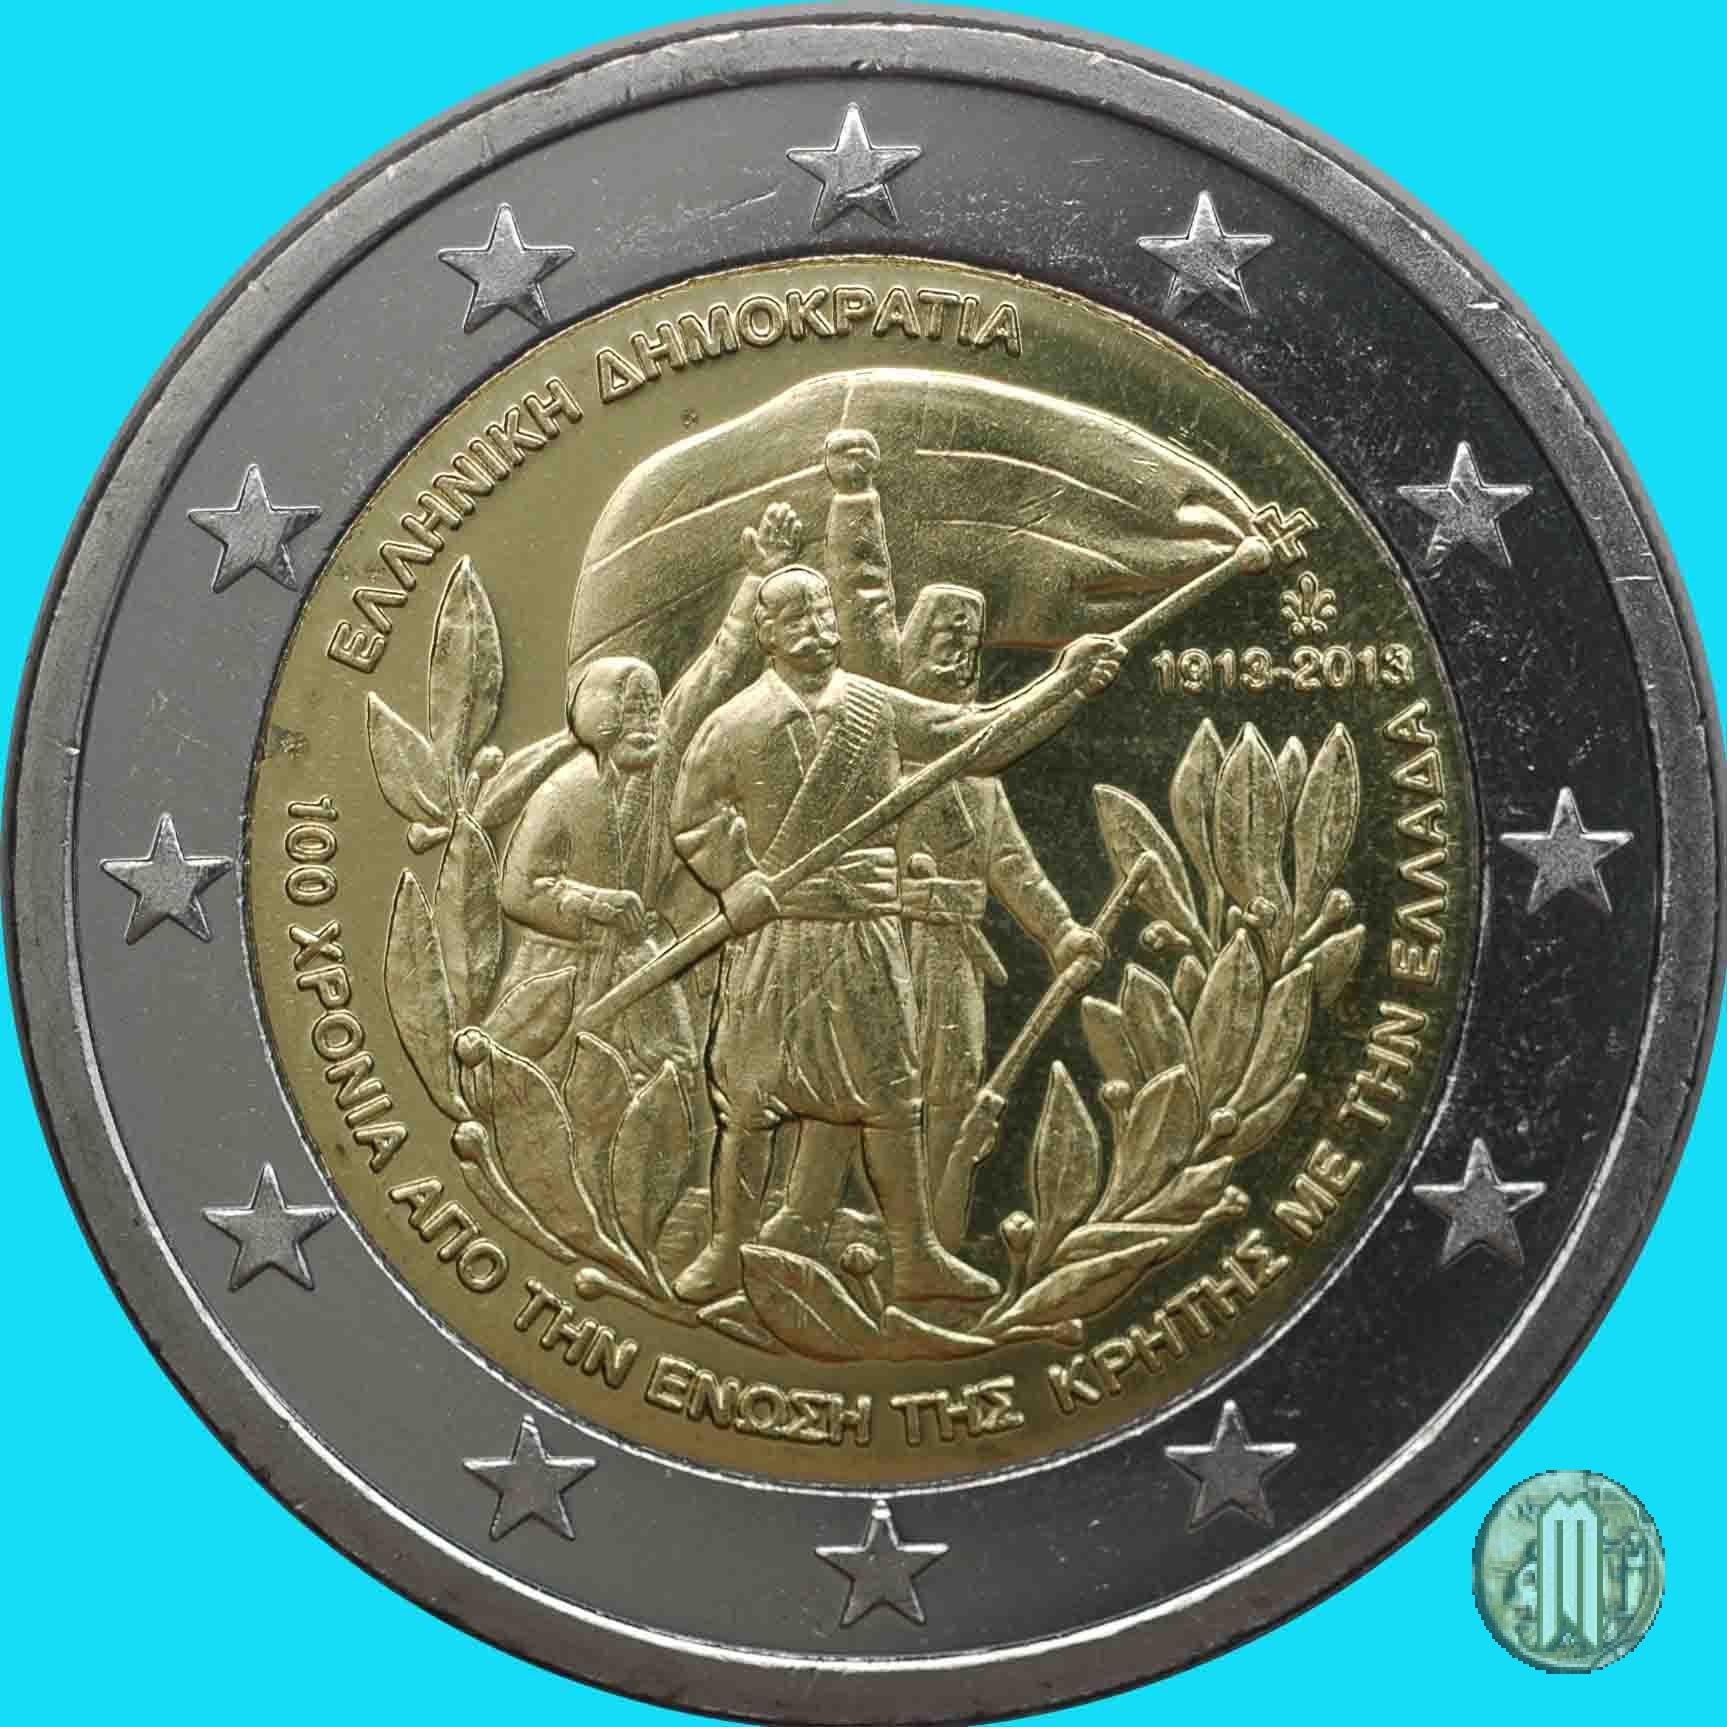 2 Euro Grecia 2002 Valore Grecia 2 Euro 2013 100°